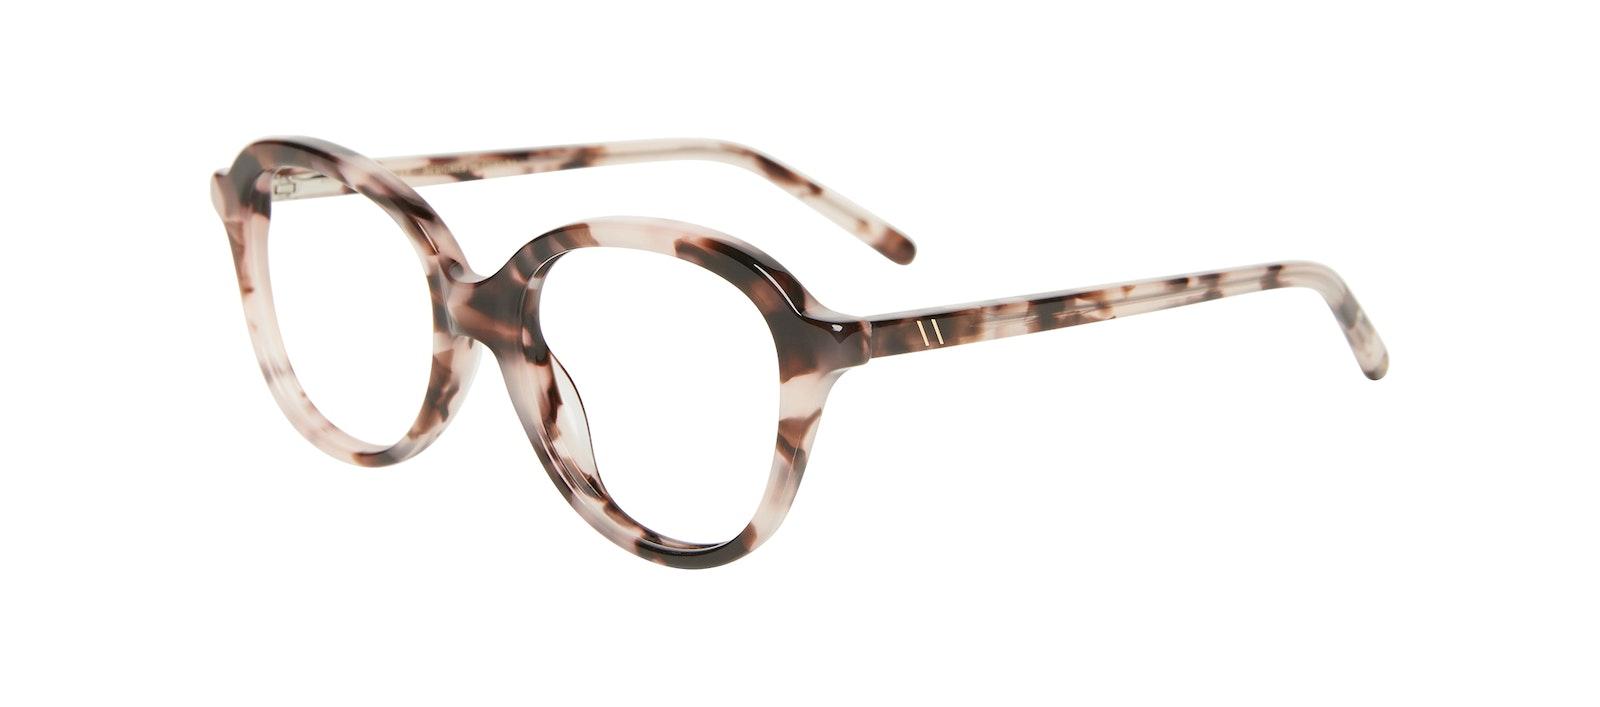 Affordable Fashion Glasses Round Eyeglasses Kids Dream Junior Marbled Pink Tilt